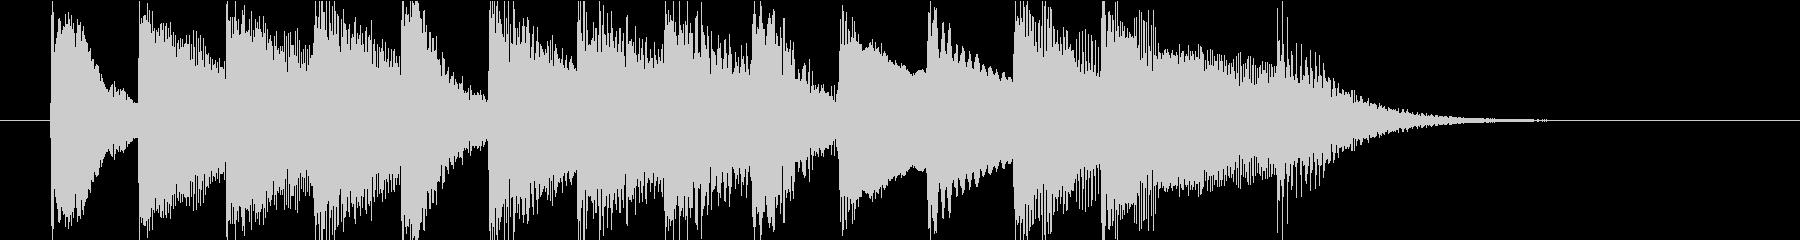 クラシック調のピアノジングルの未再生の波形